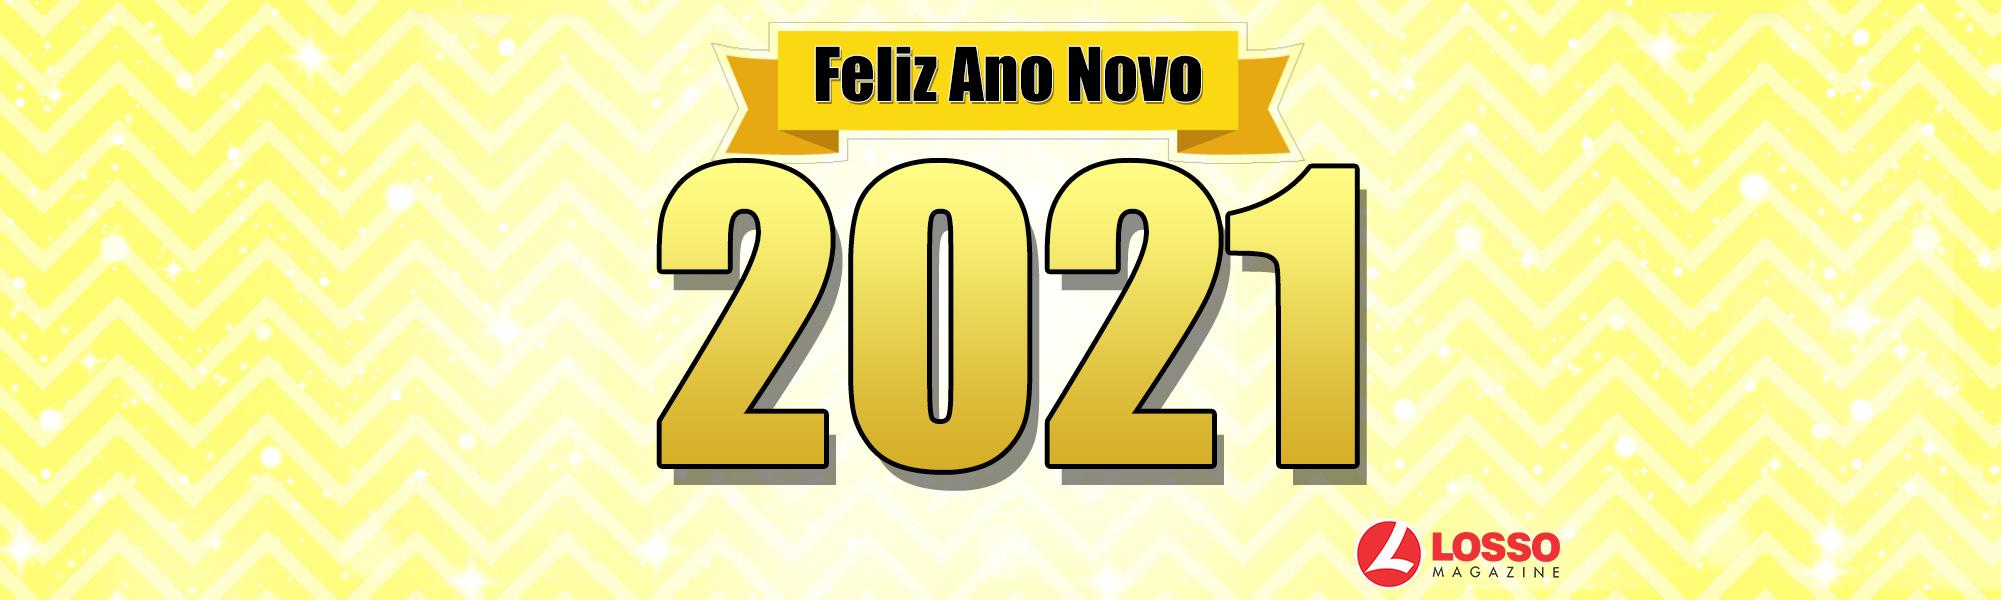 Feliz Ano Novo <3